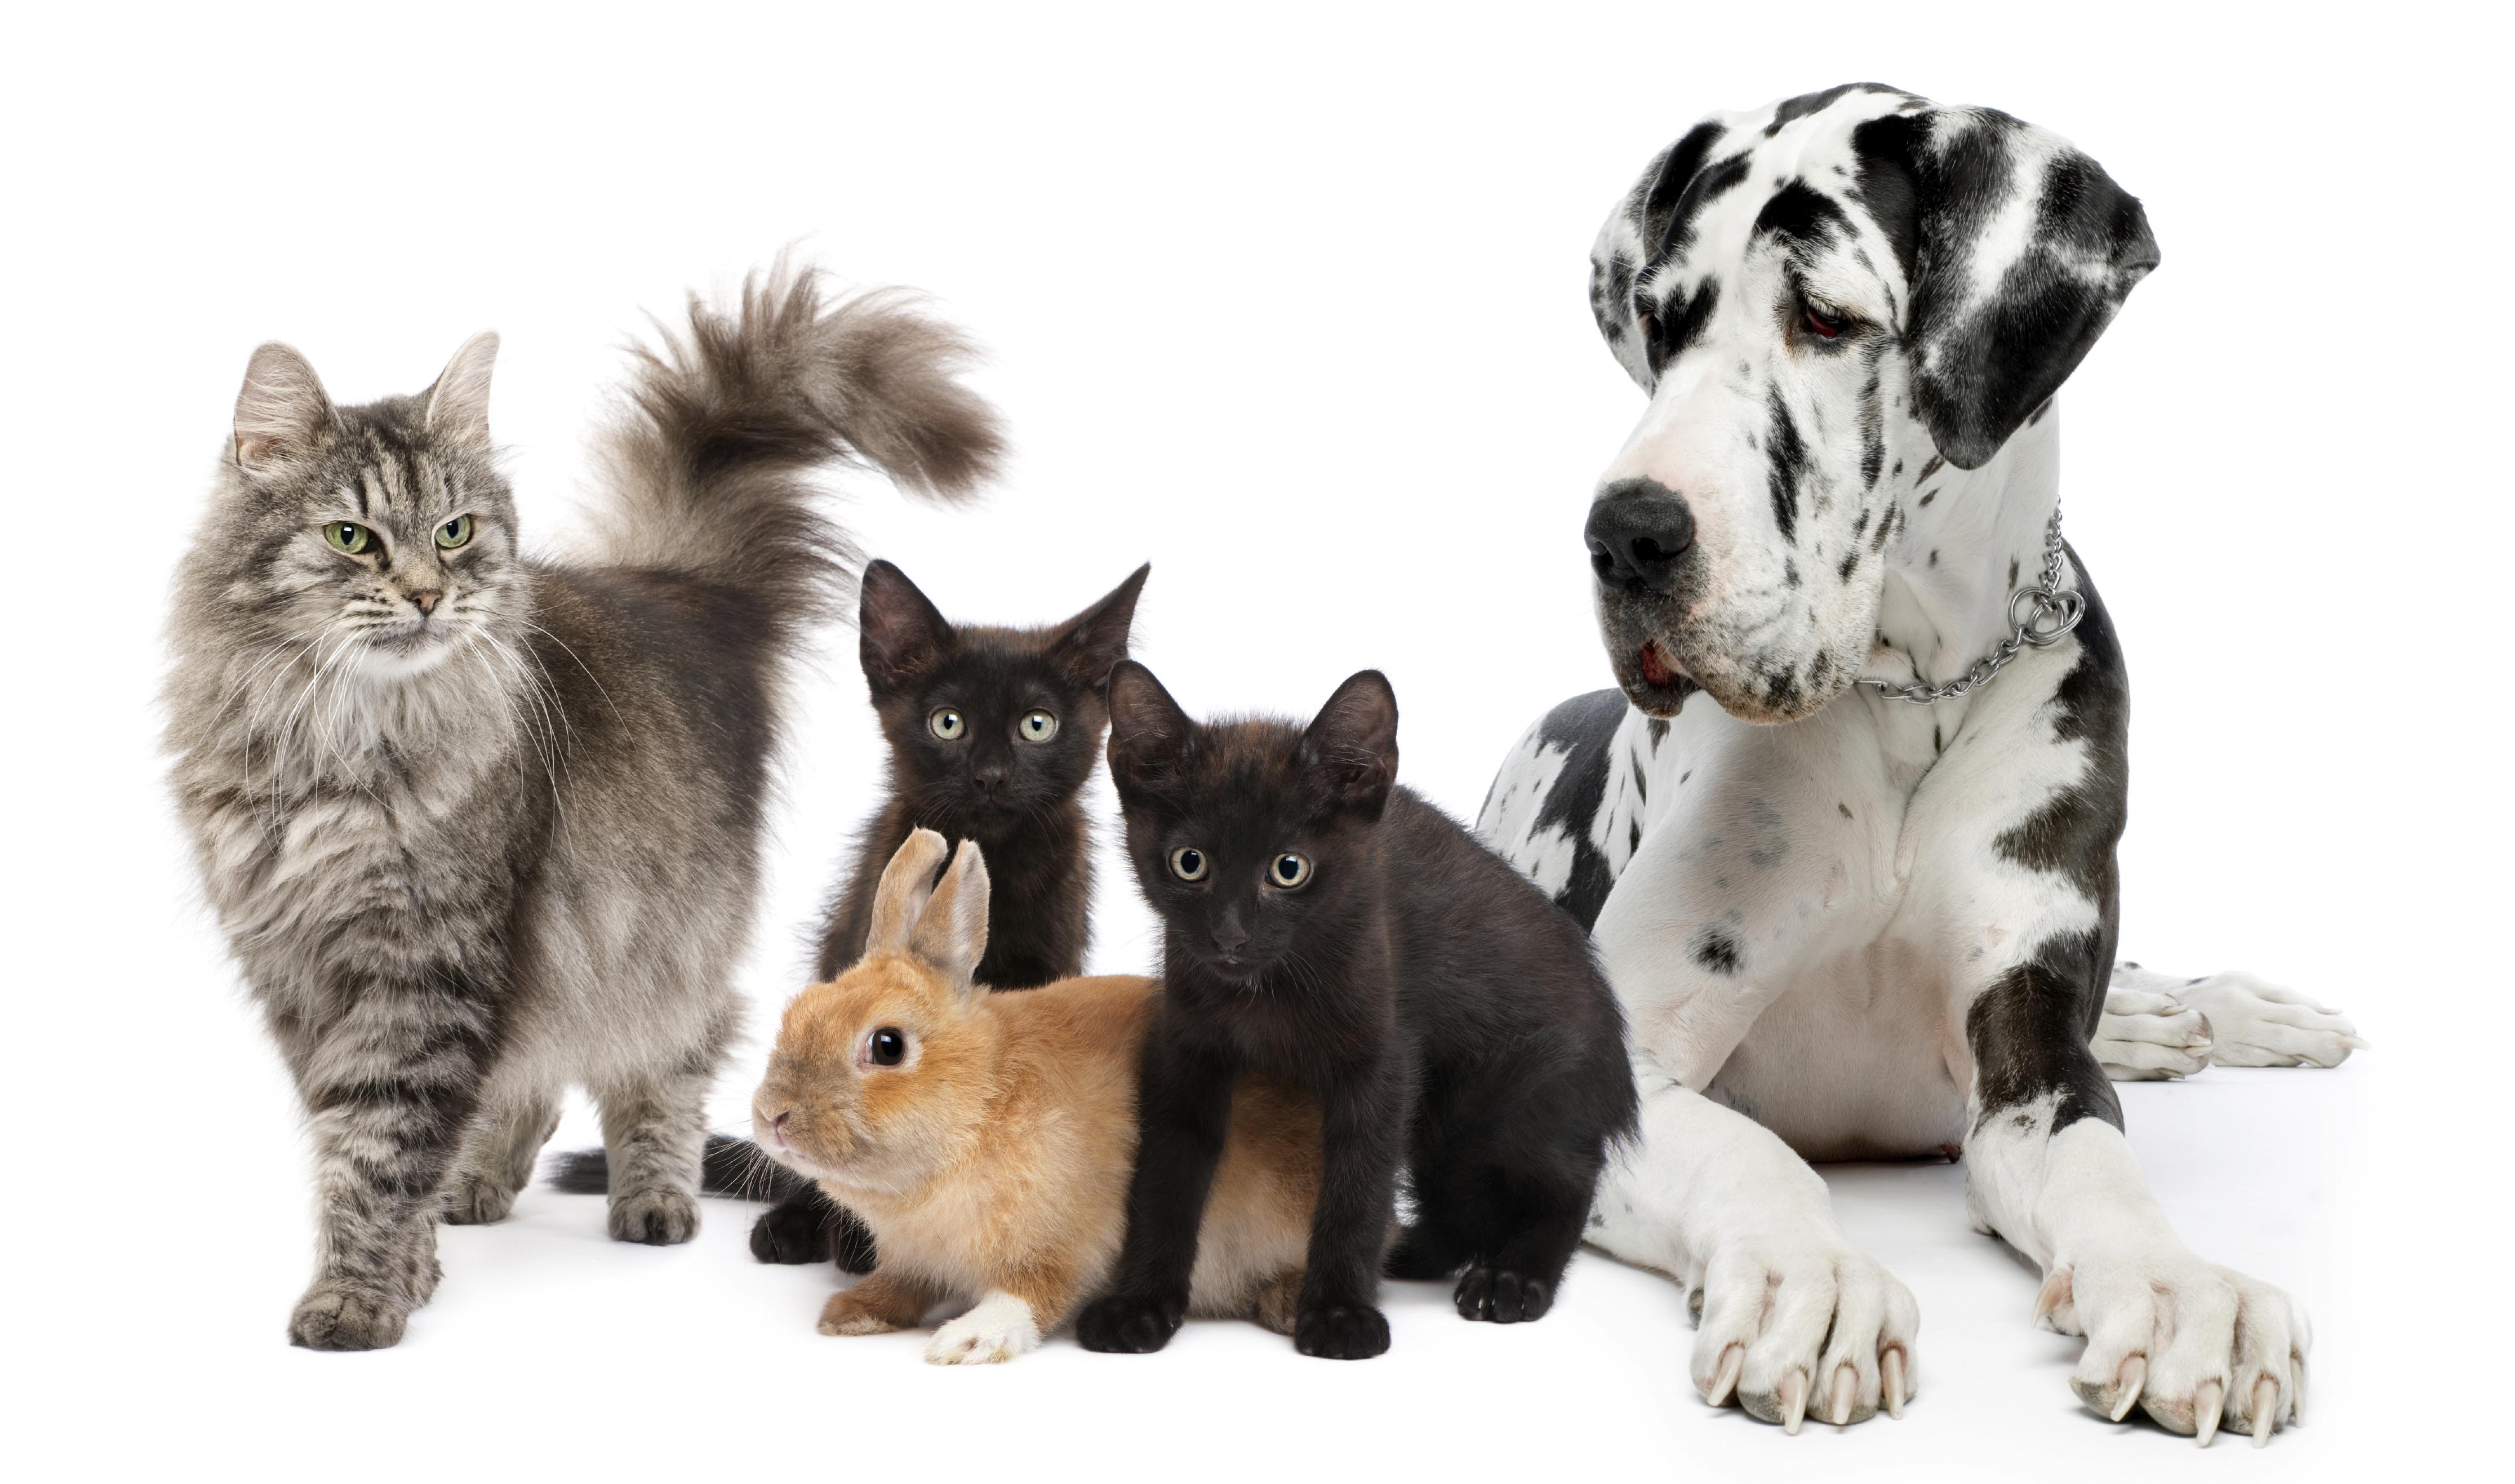 Gatti conigli e cani insieme in una foto